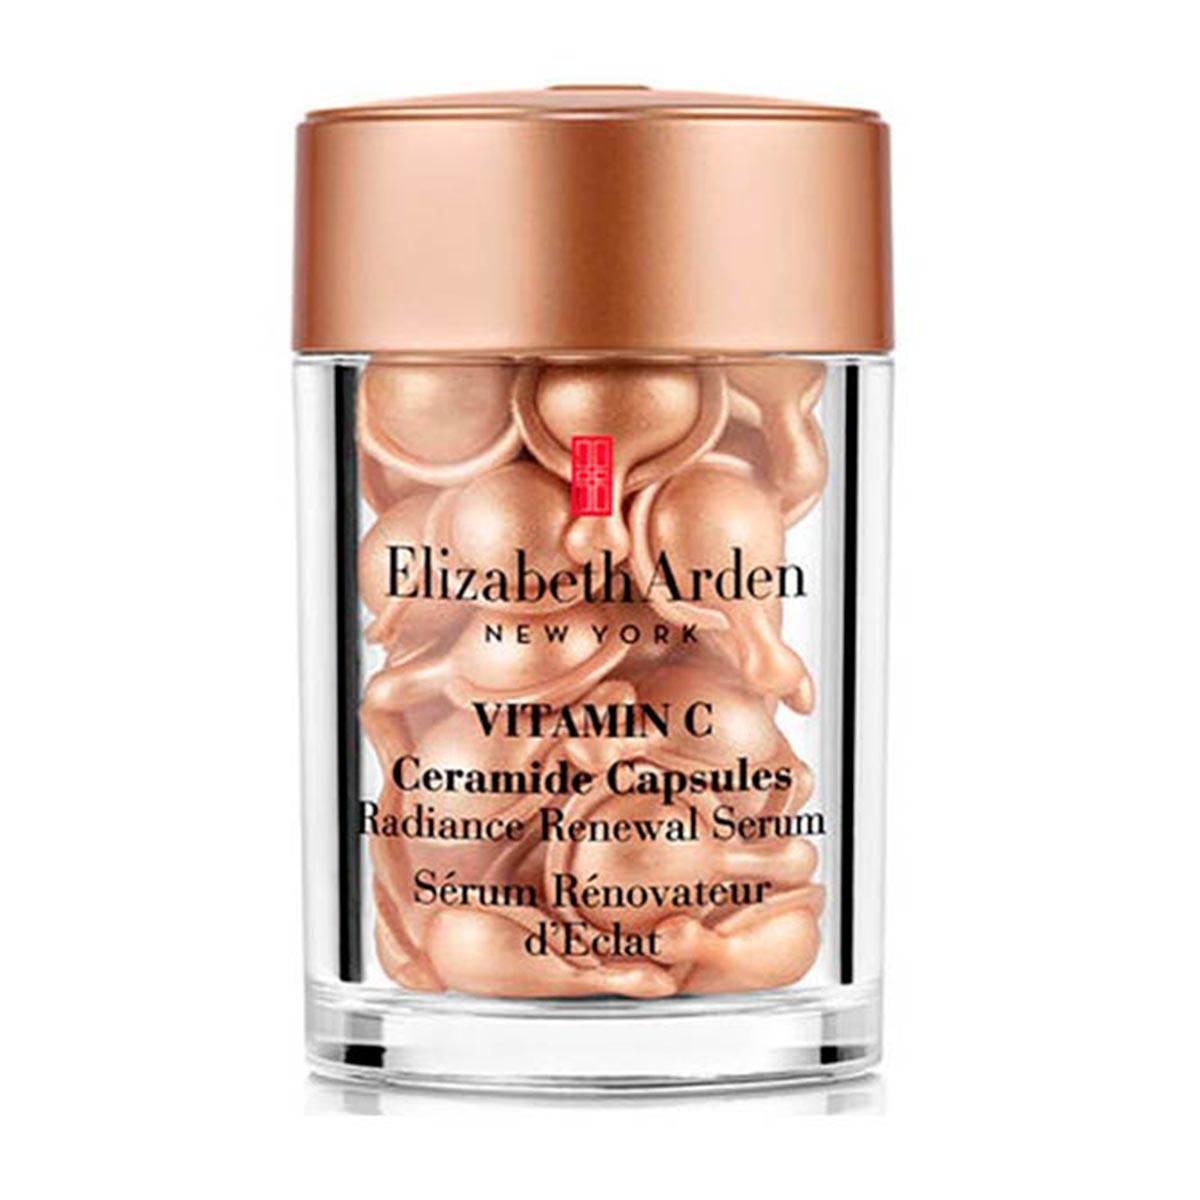 Elizabeth arden vitamin c ceramide capsules radiance renewal serum 60u